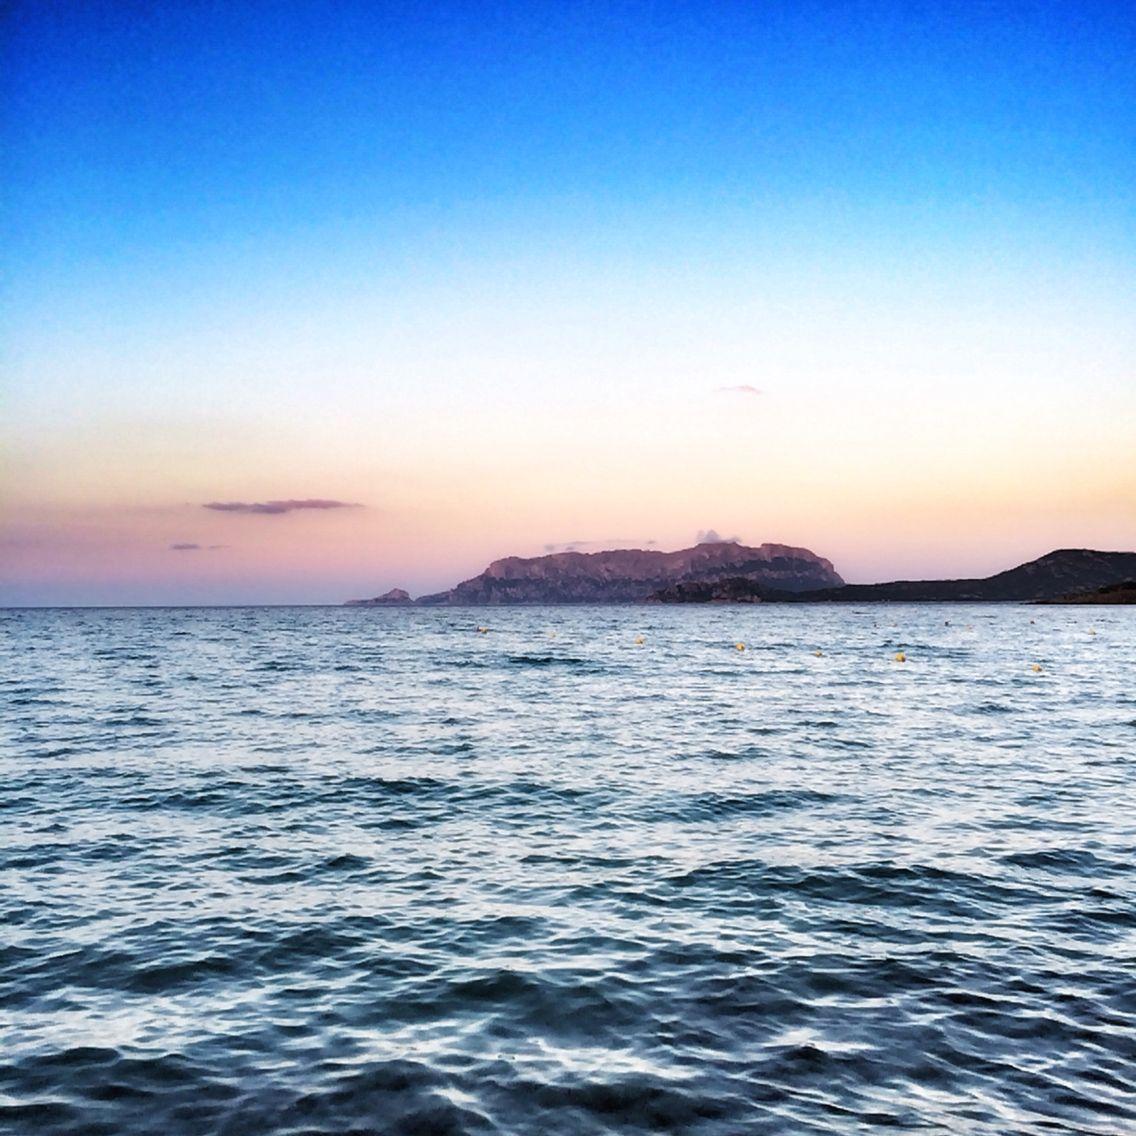 Guardare tramonti che colorano le isole. #SpiaggediSdardegna